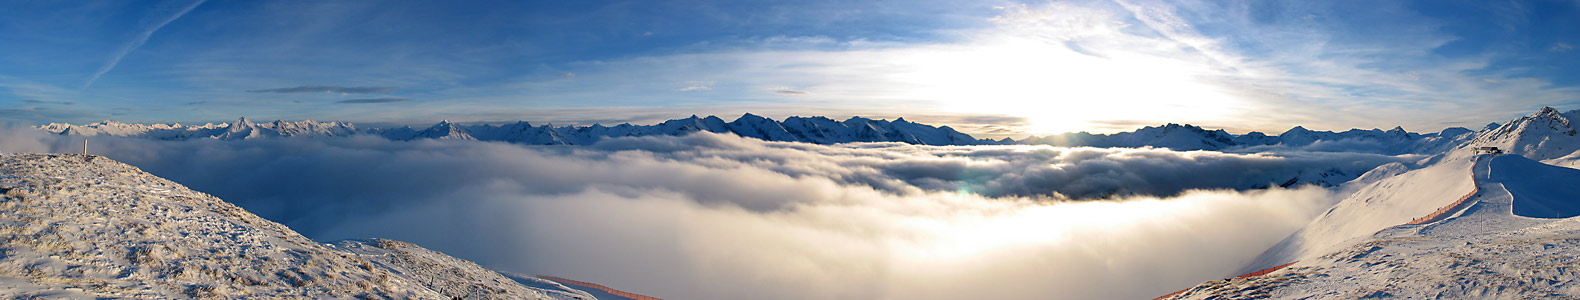 Sonnenuntergang über Zillertaler und Tuxer Alpen